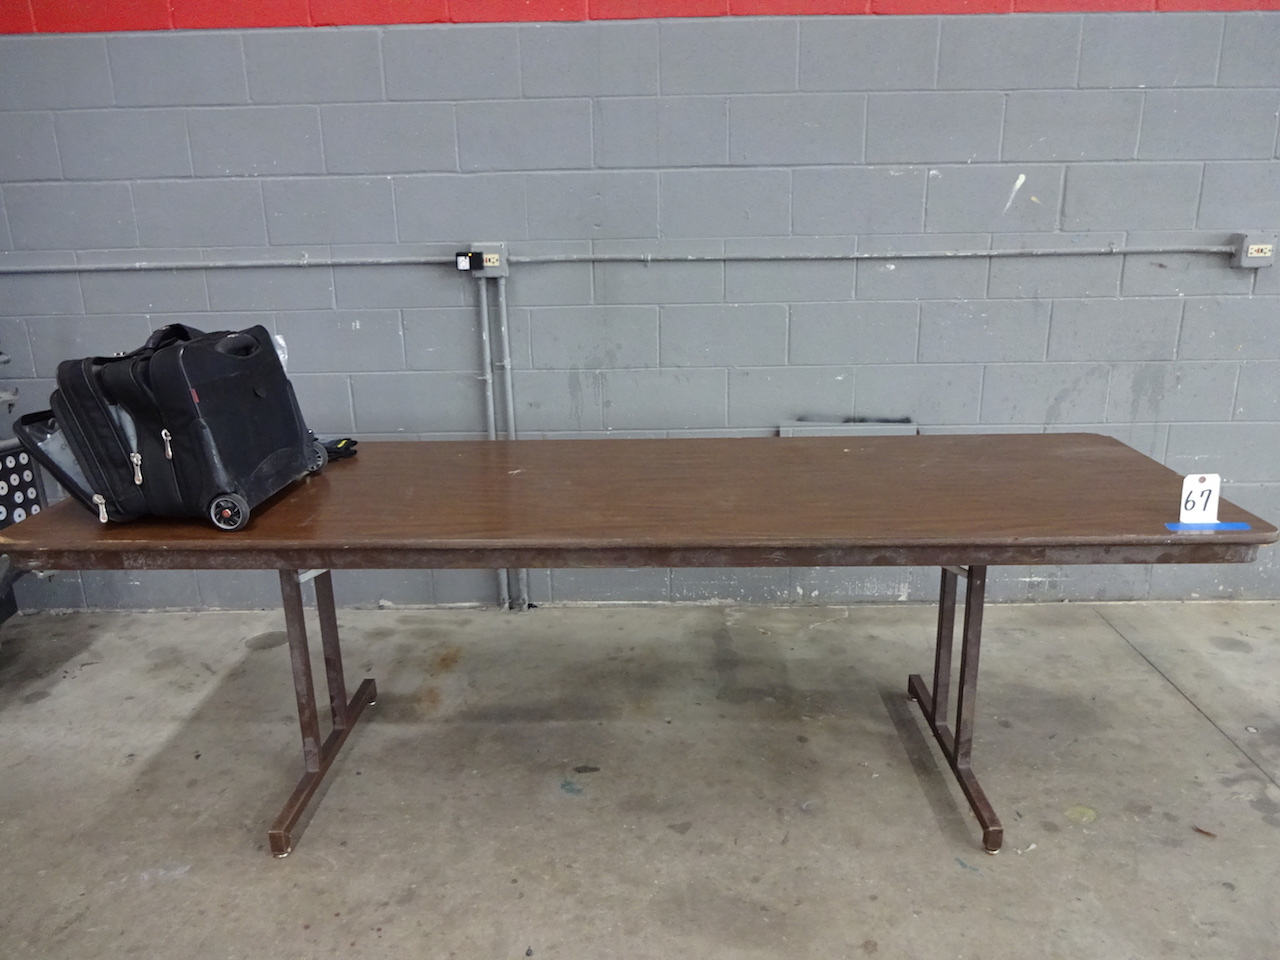 Lot 67 - FOLDING TABLE